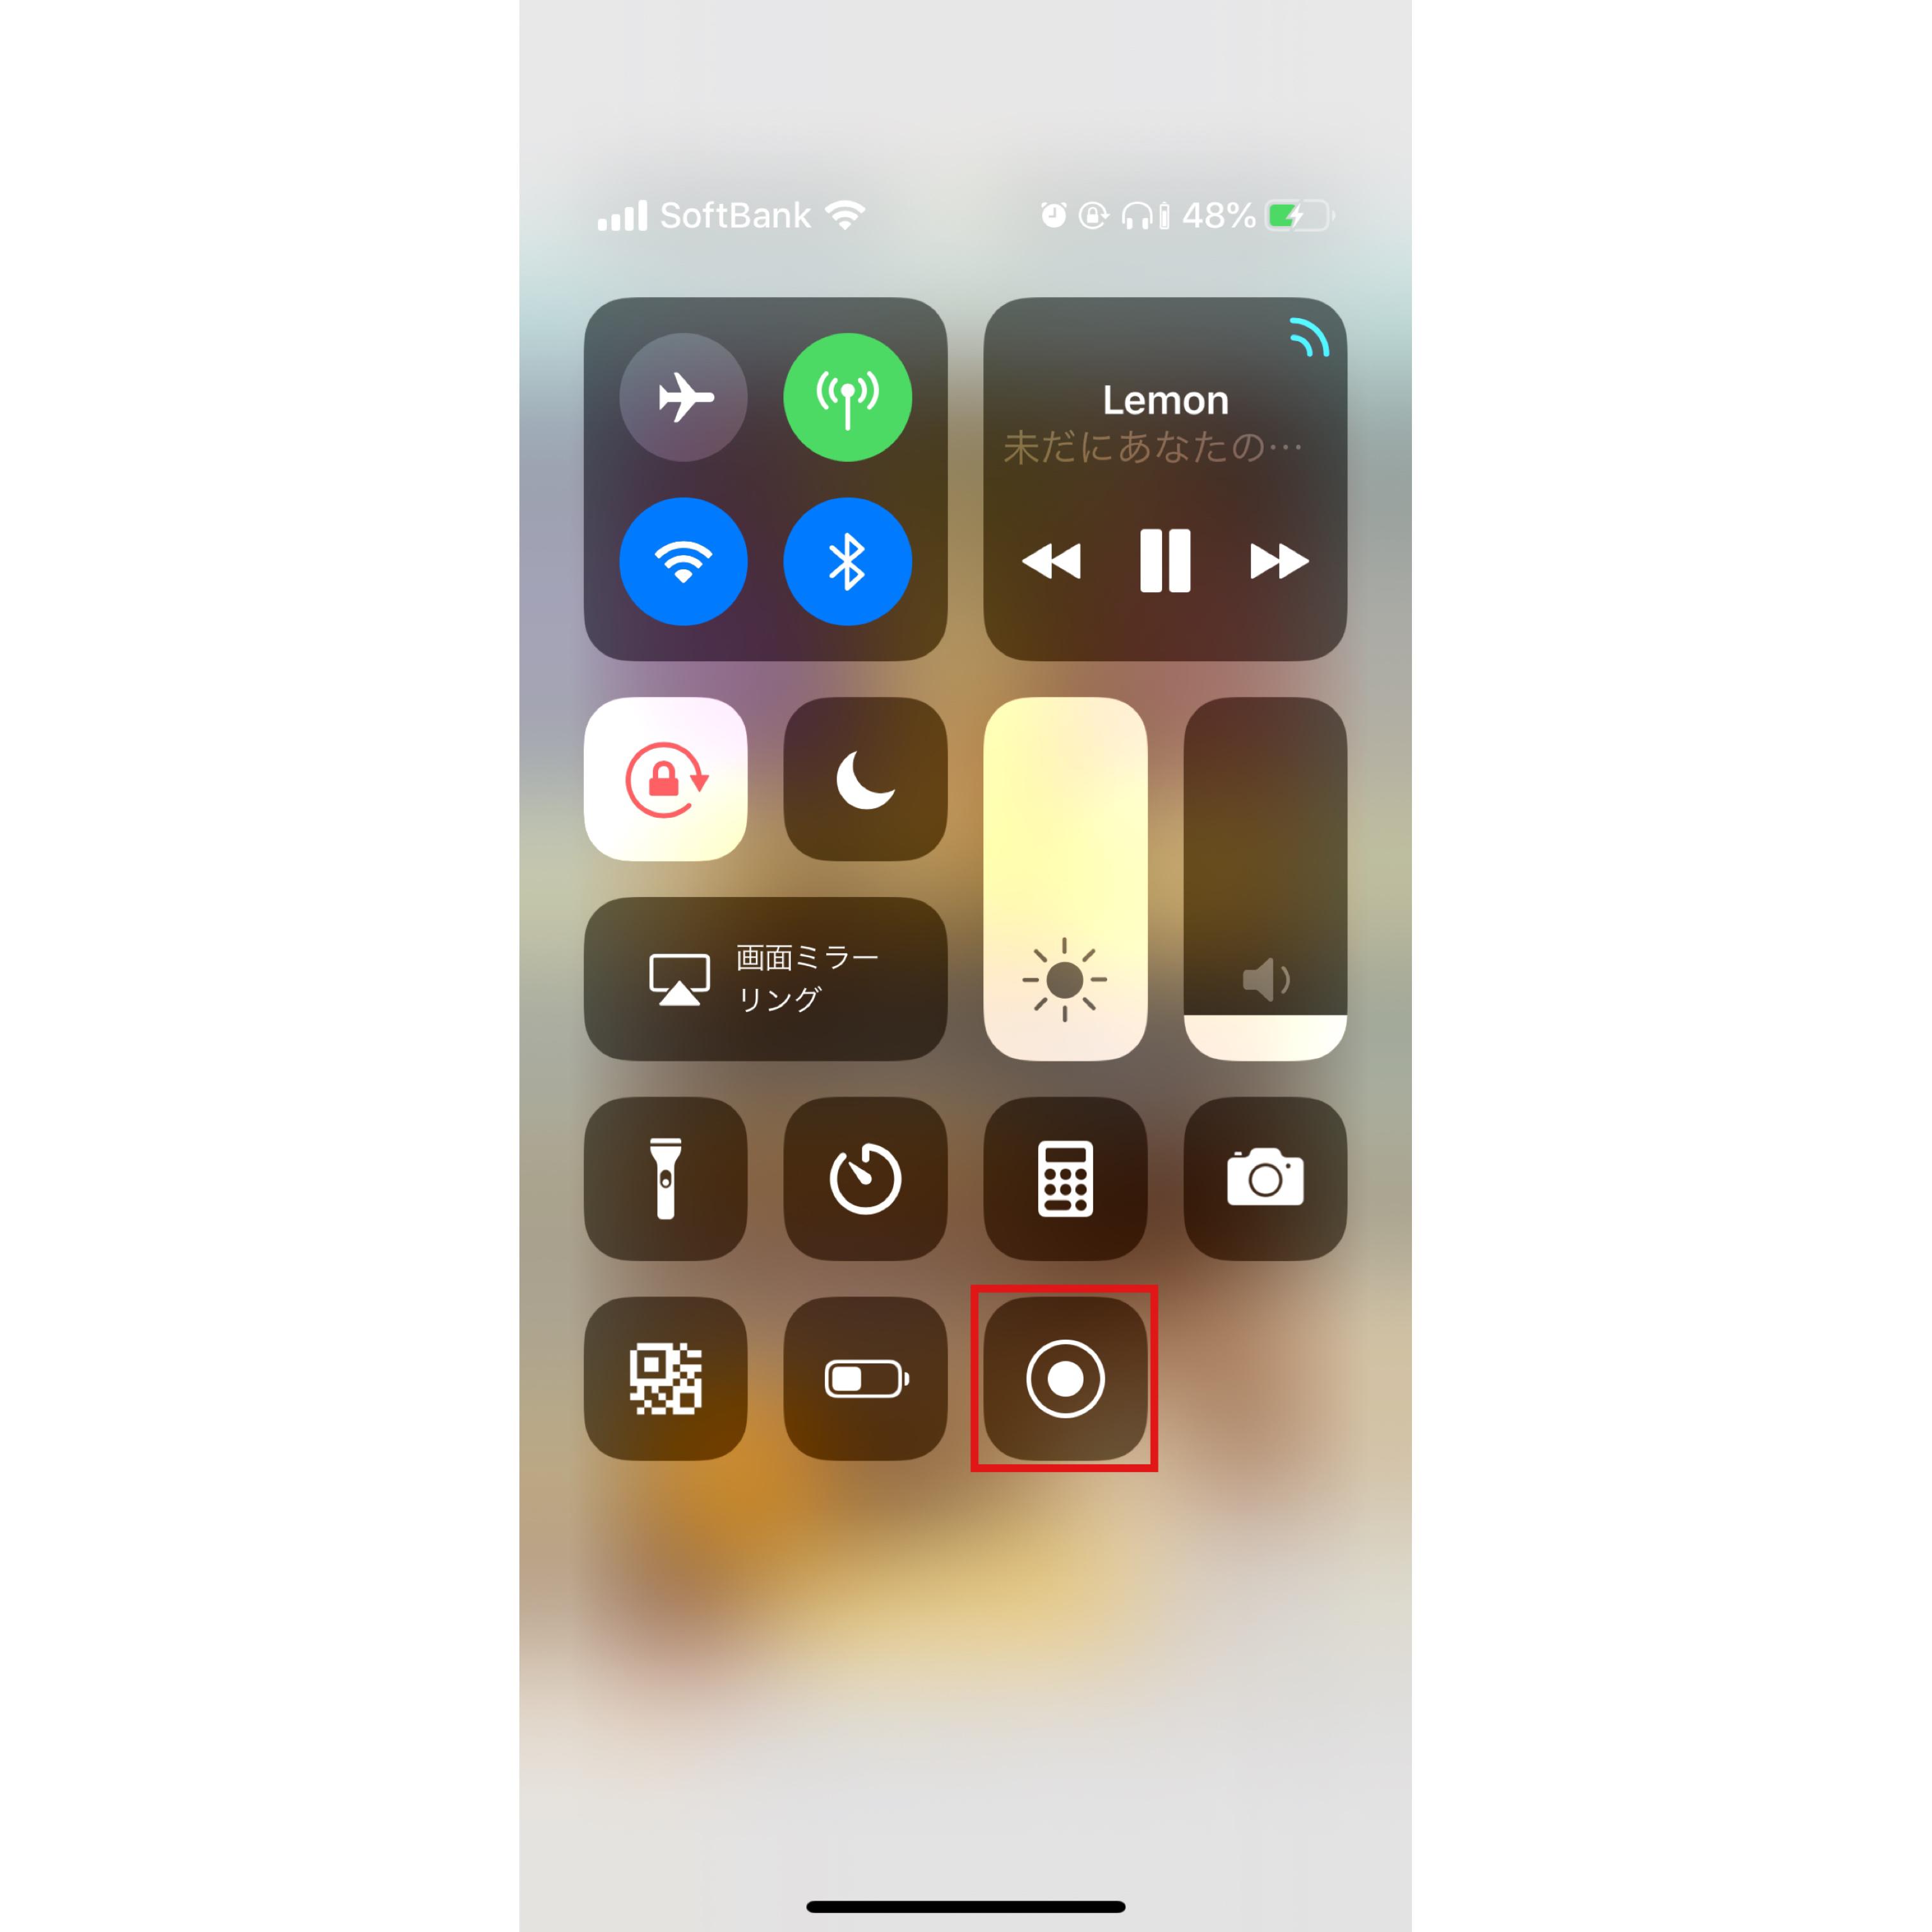 iPhoneの便利な機能画面収録の方法